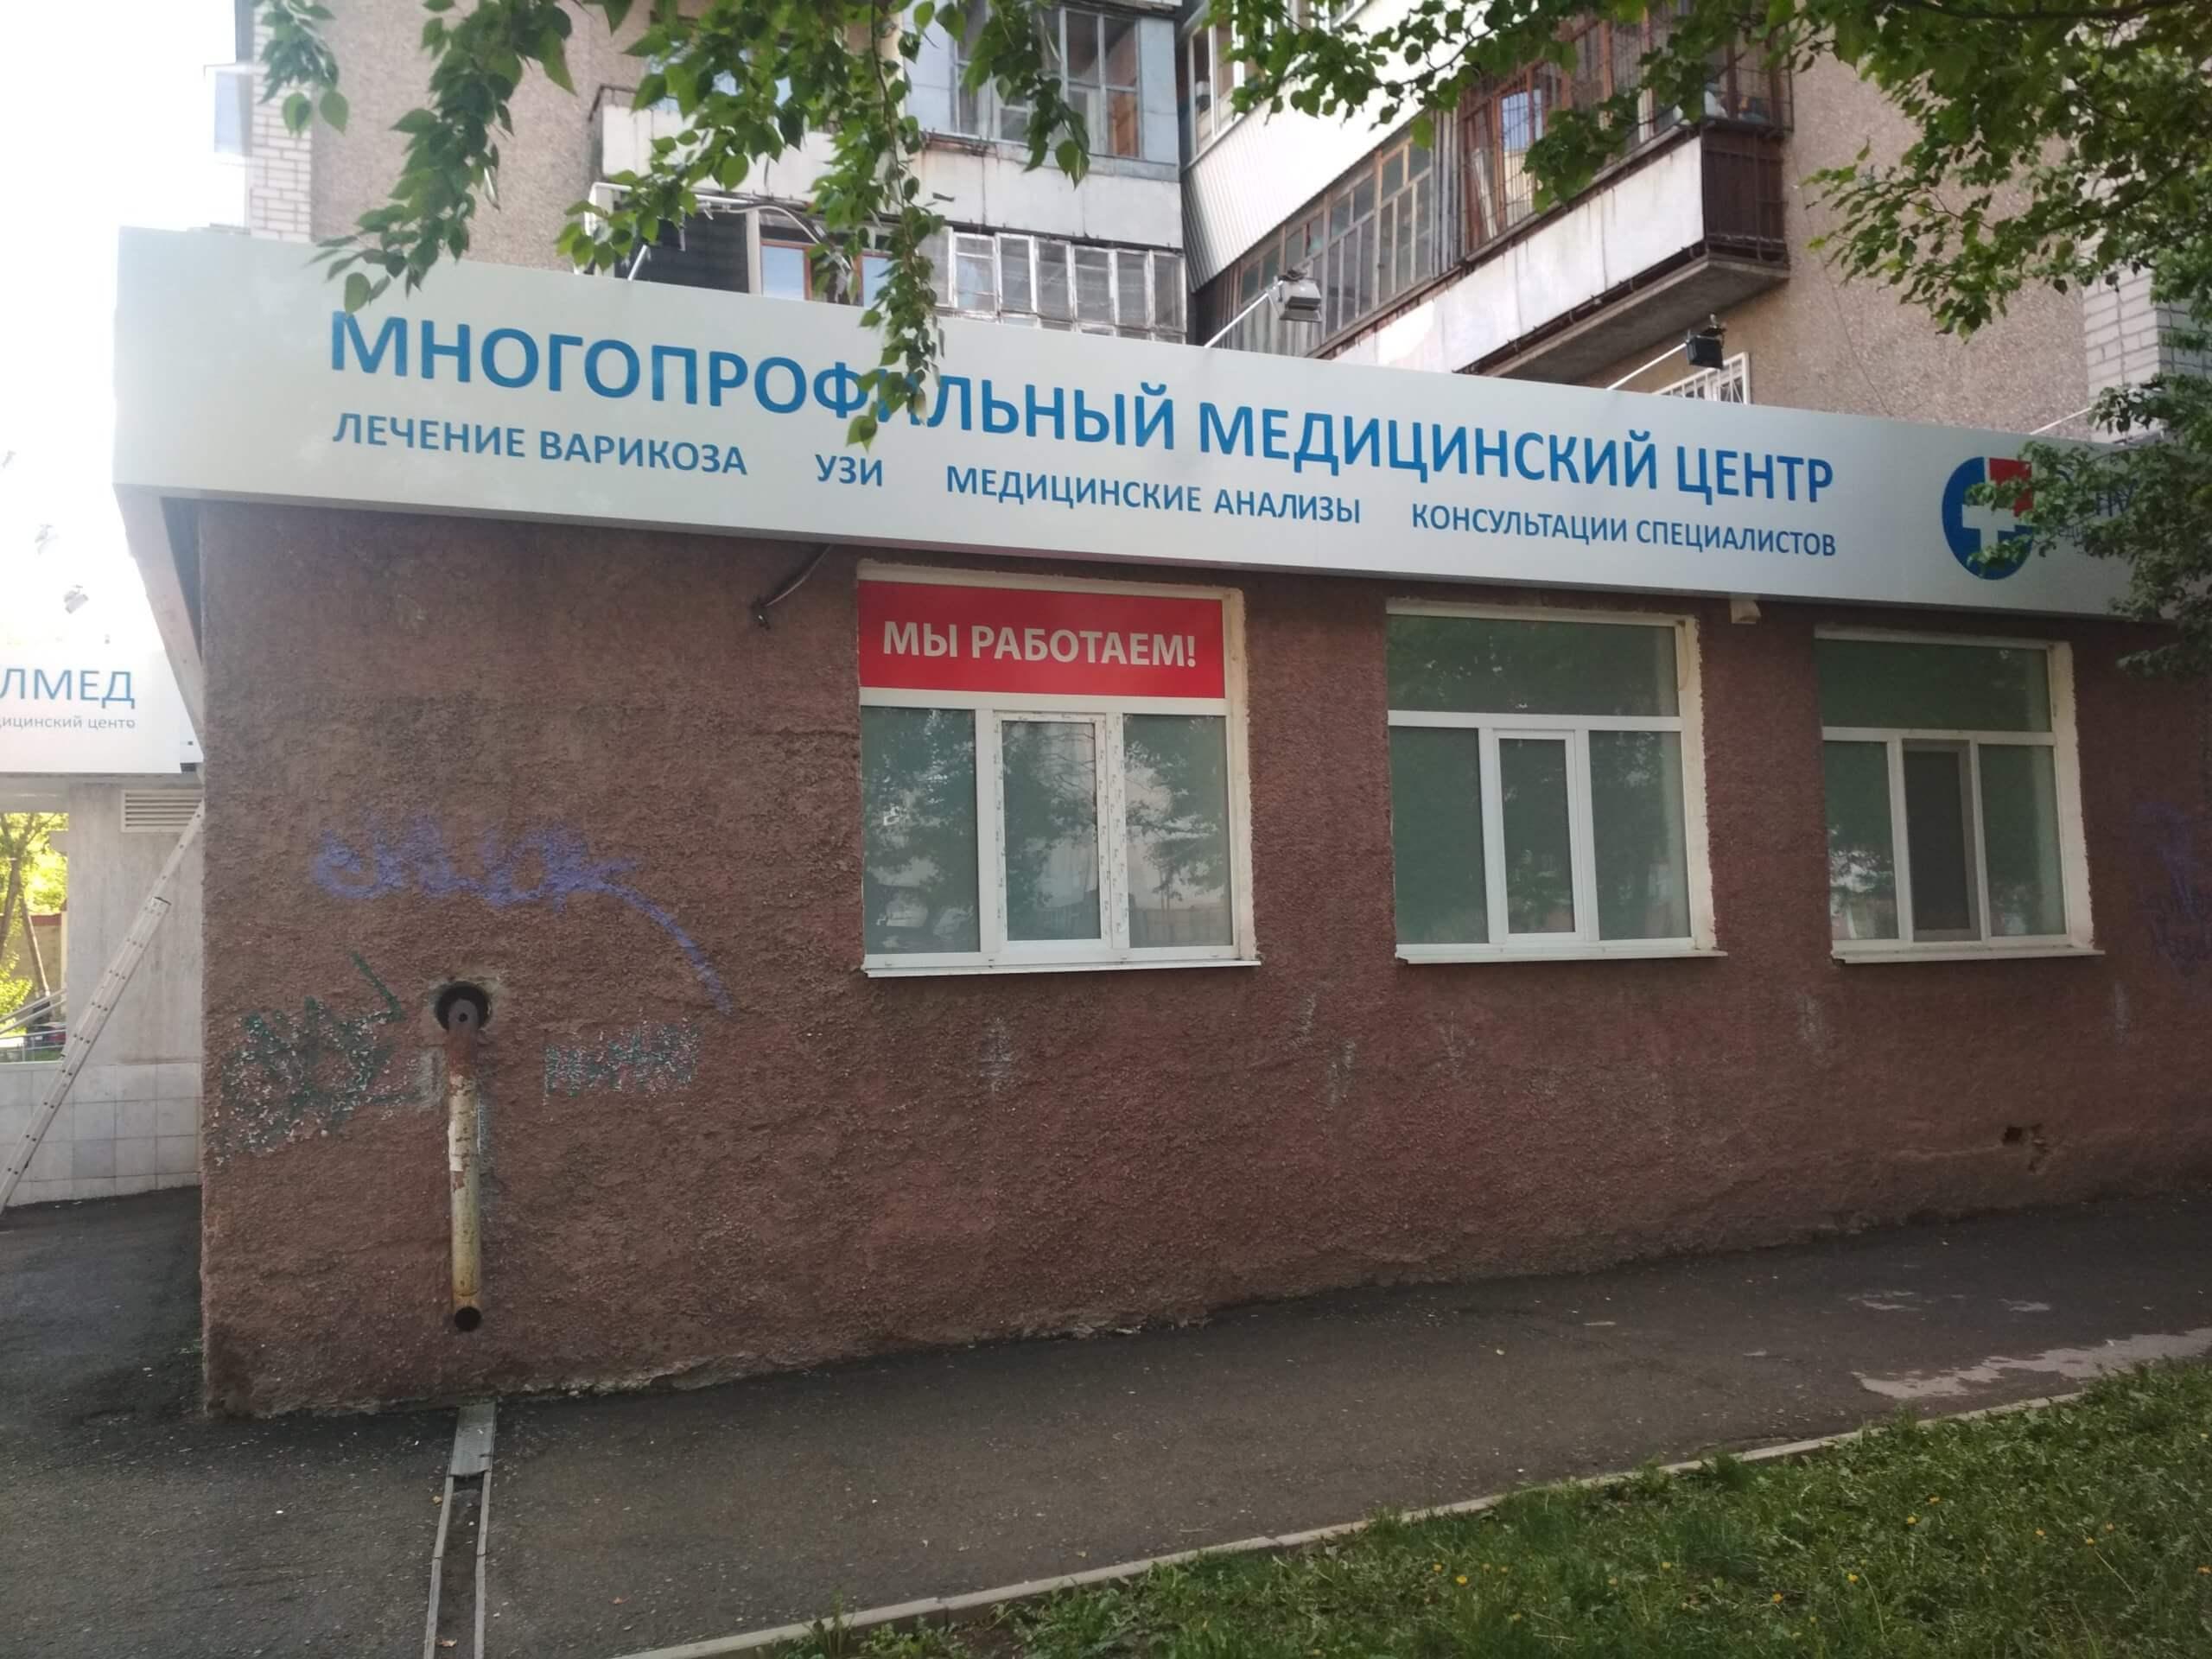 Медицинский центр Олмед (Фрунзе 20)_20